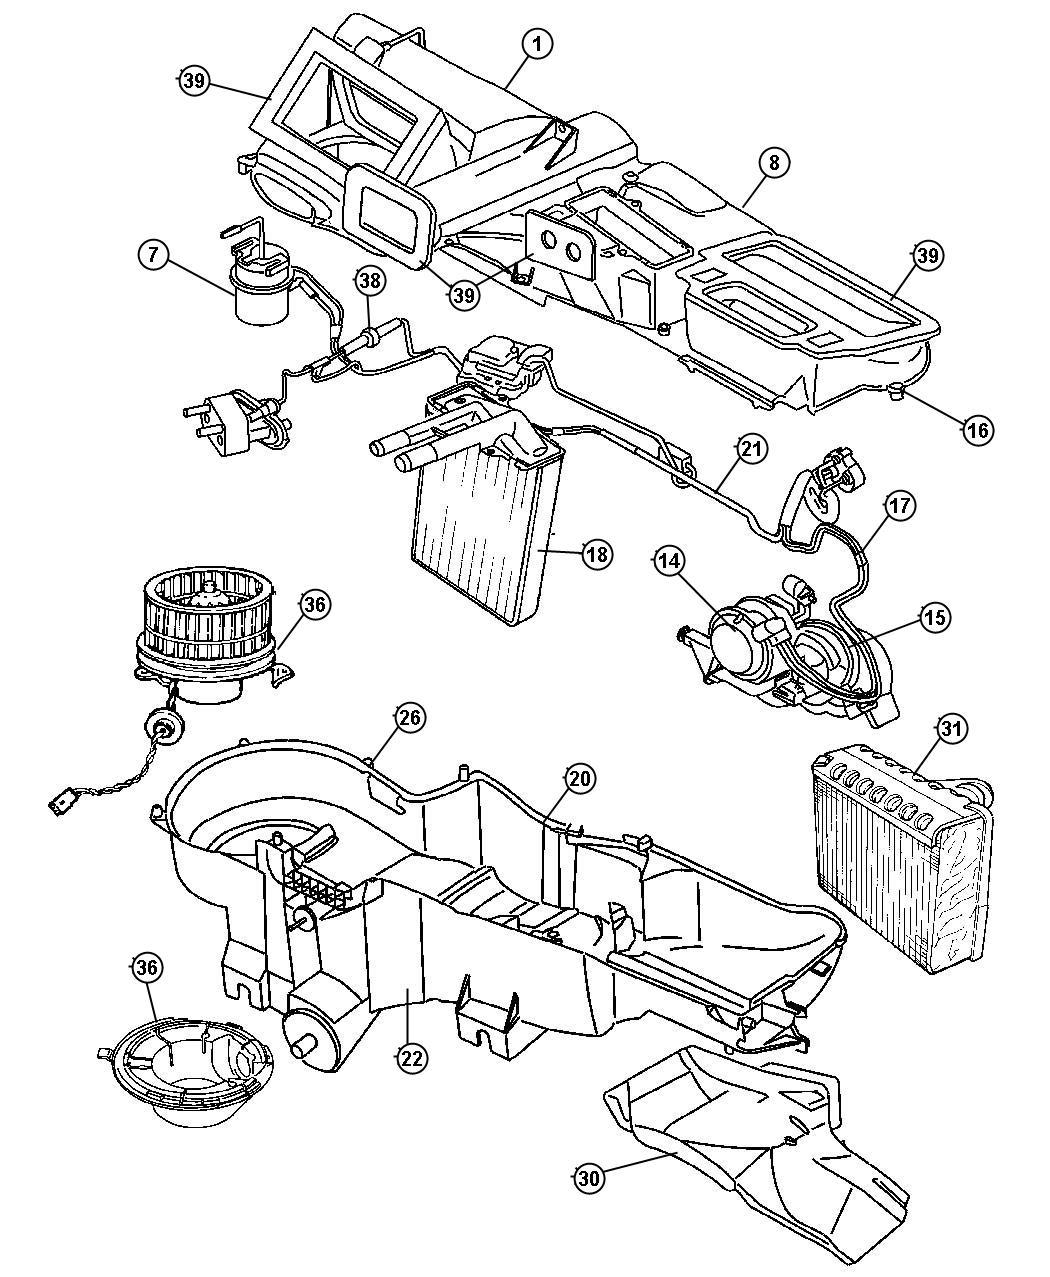 Jeep Liberty Parts Diagram